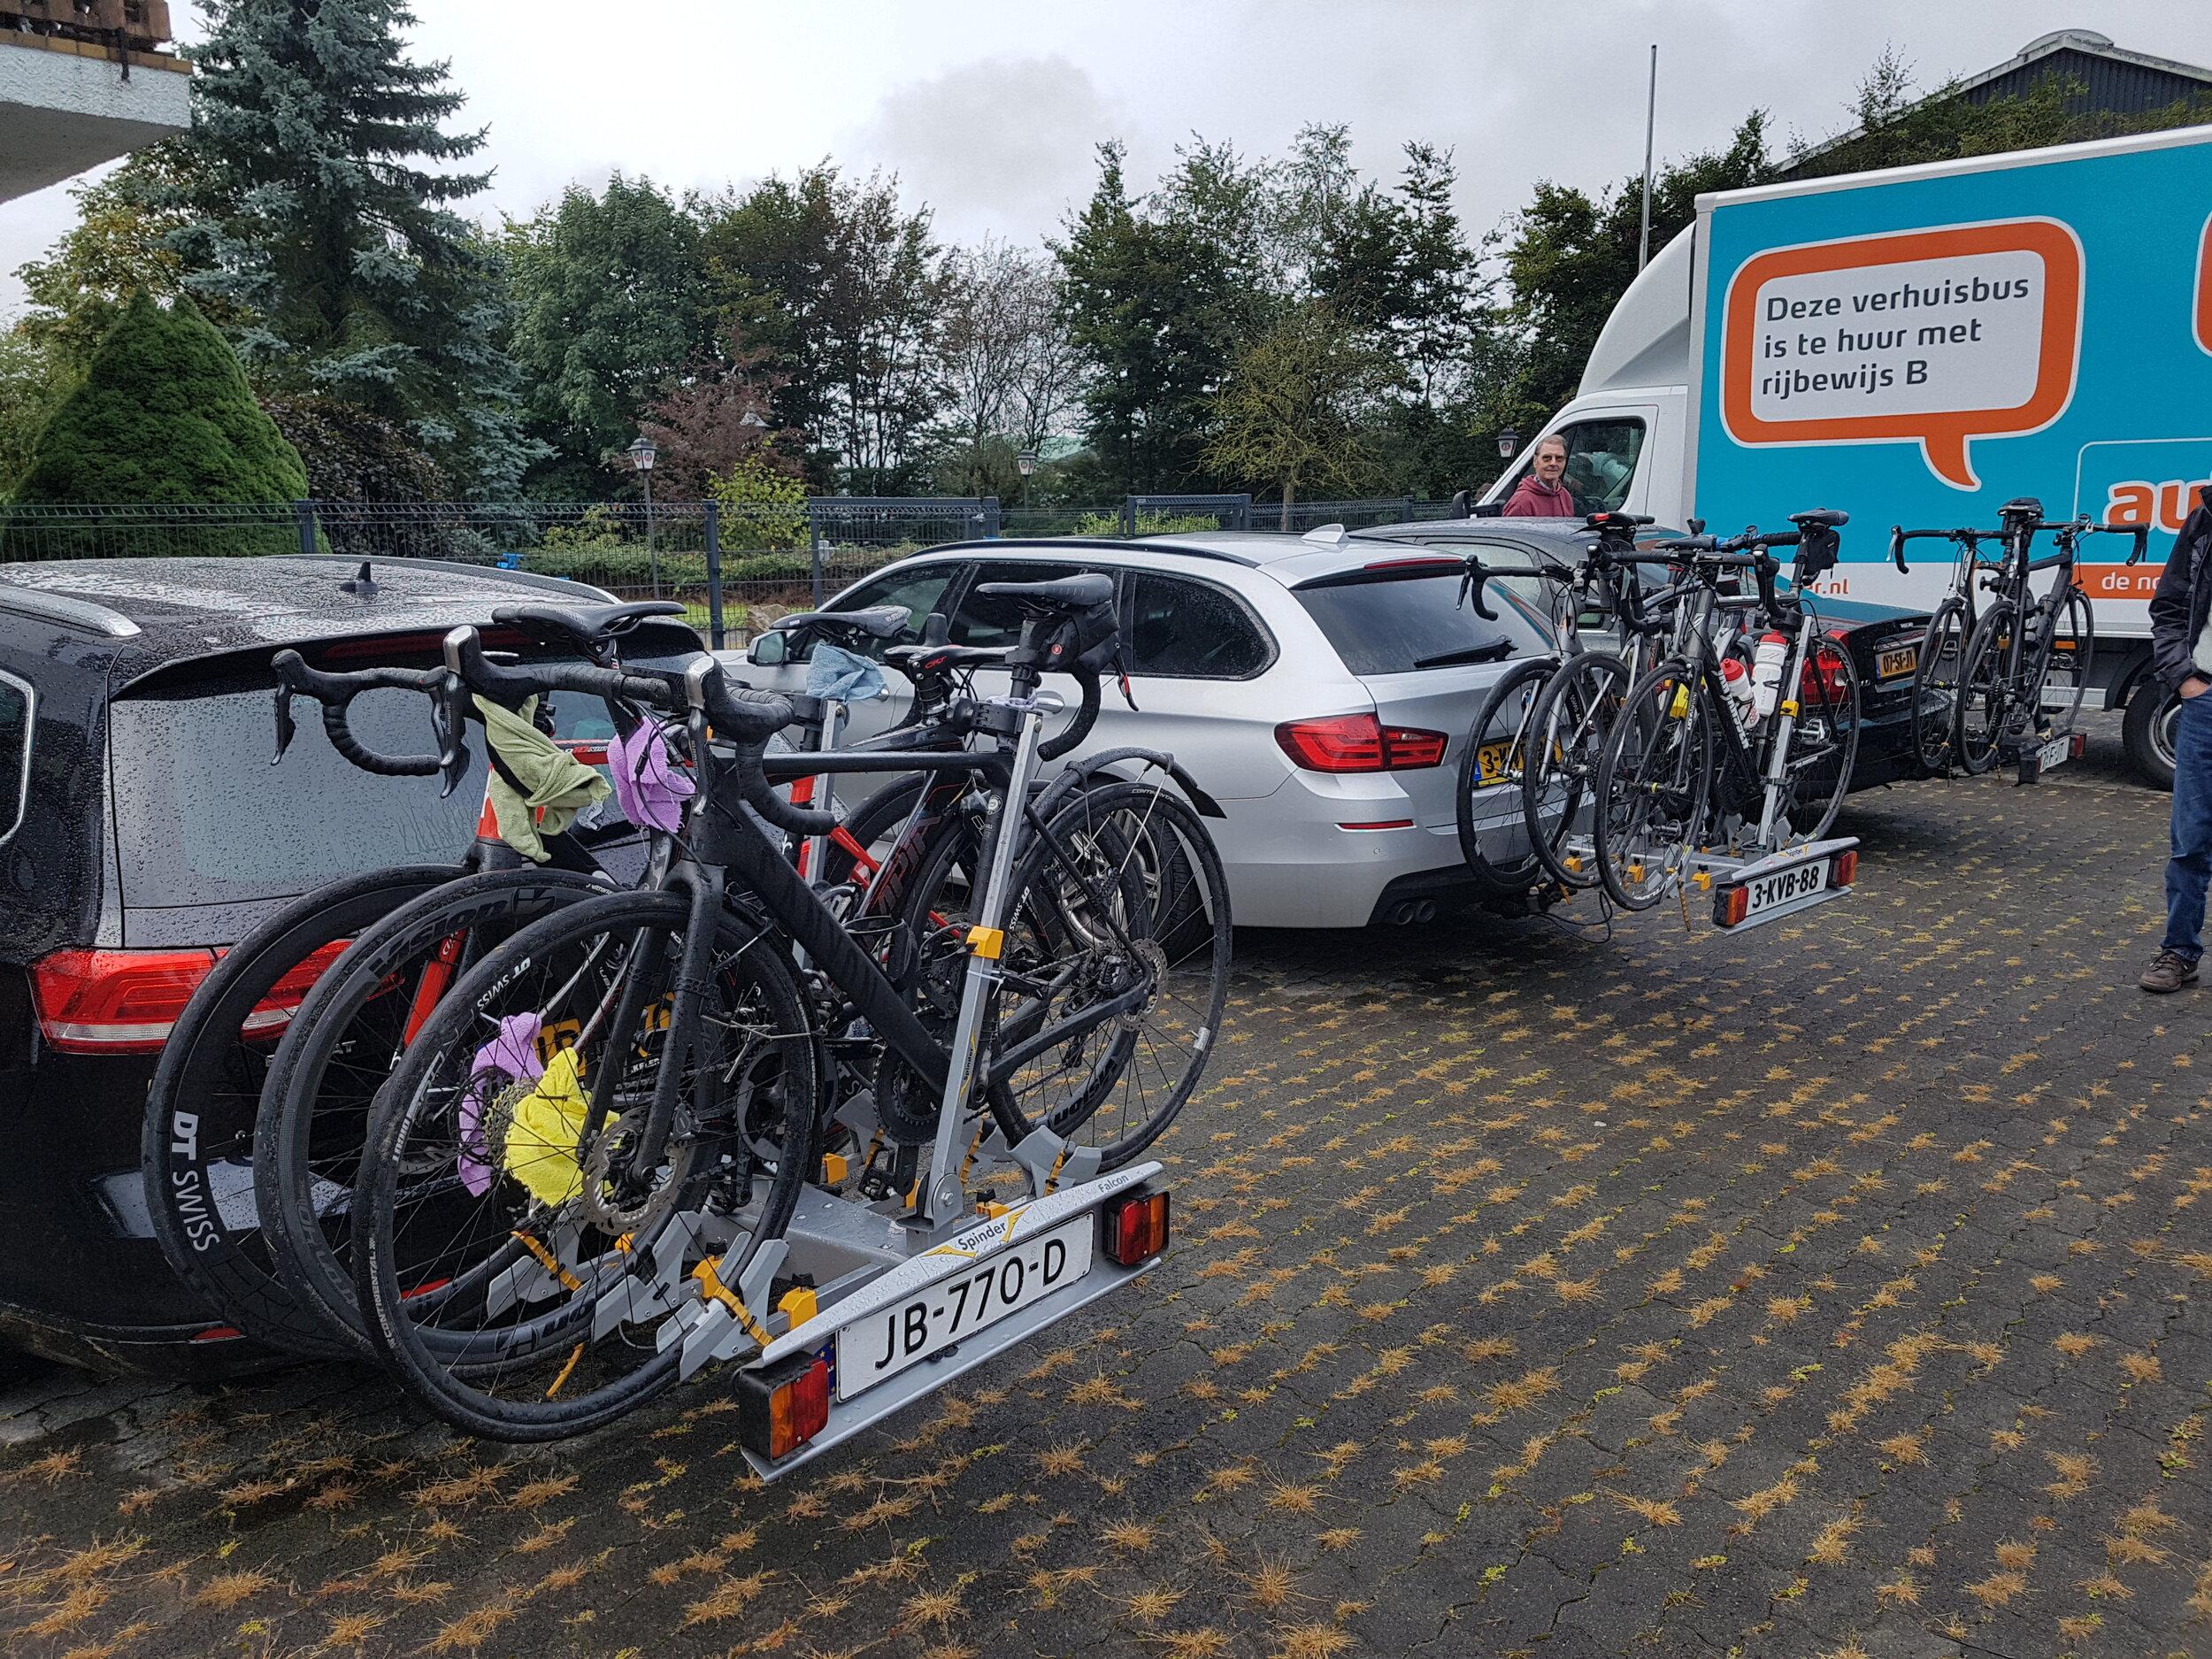 En de fietsen weer achterop de auto's gezet.